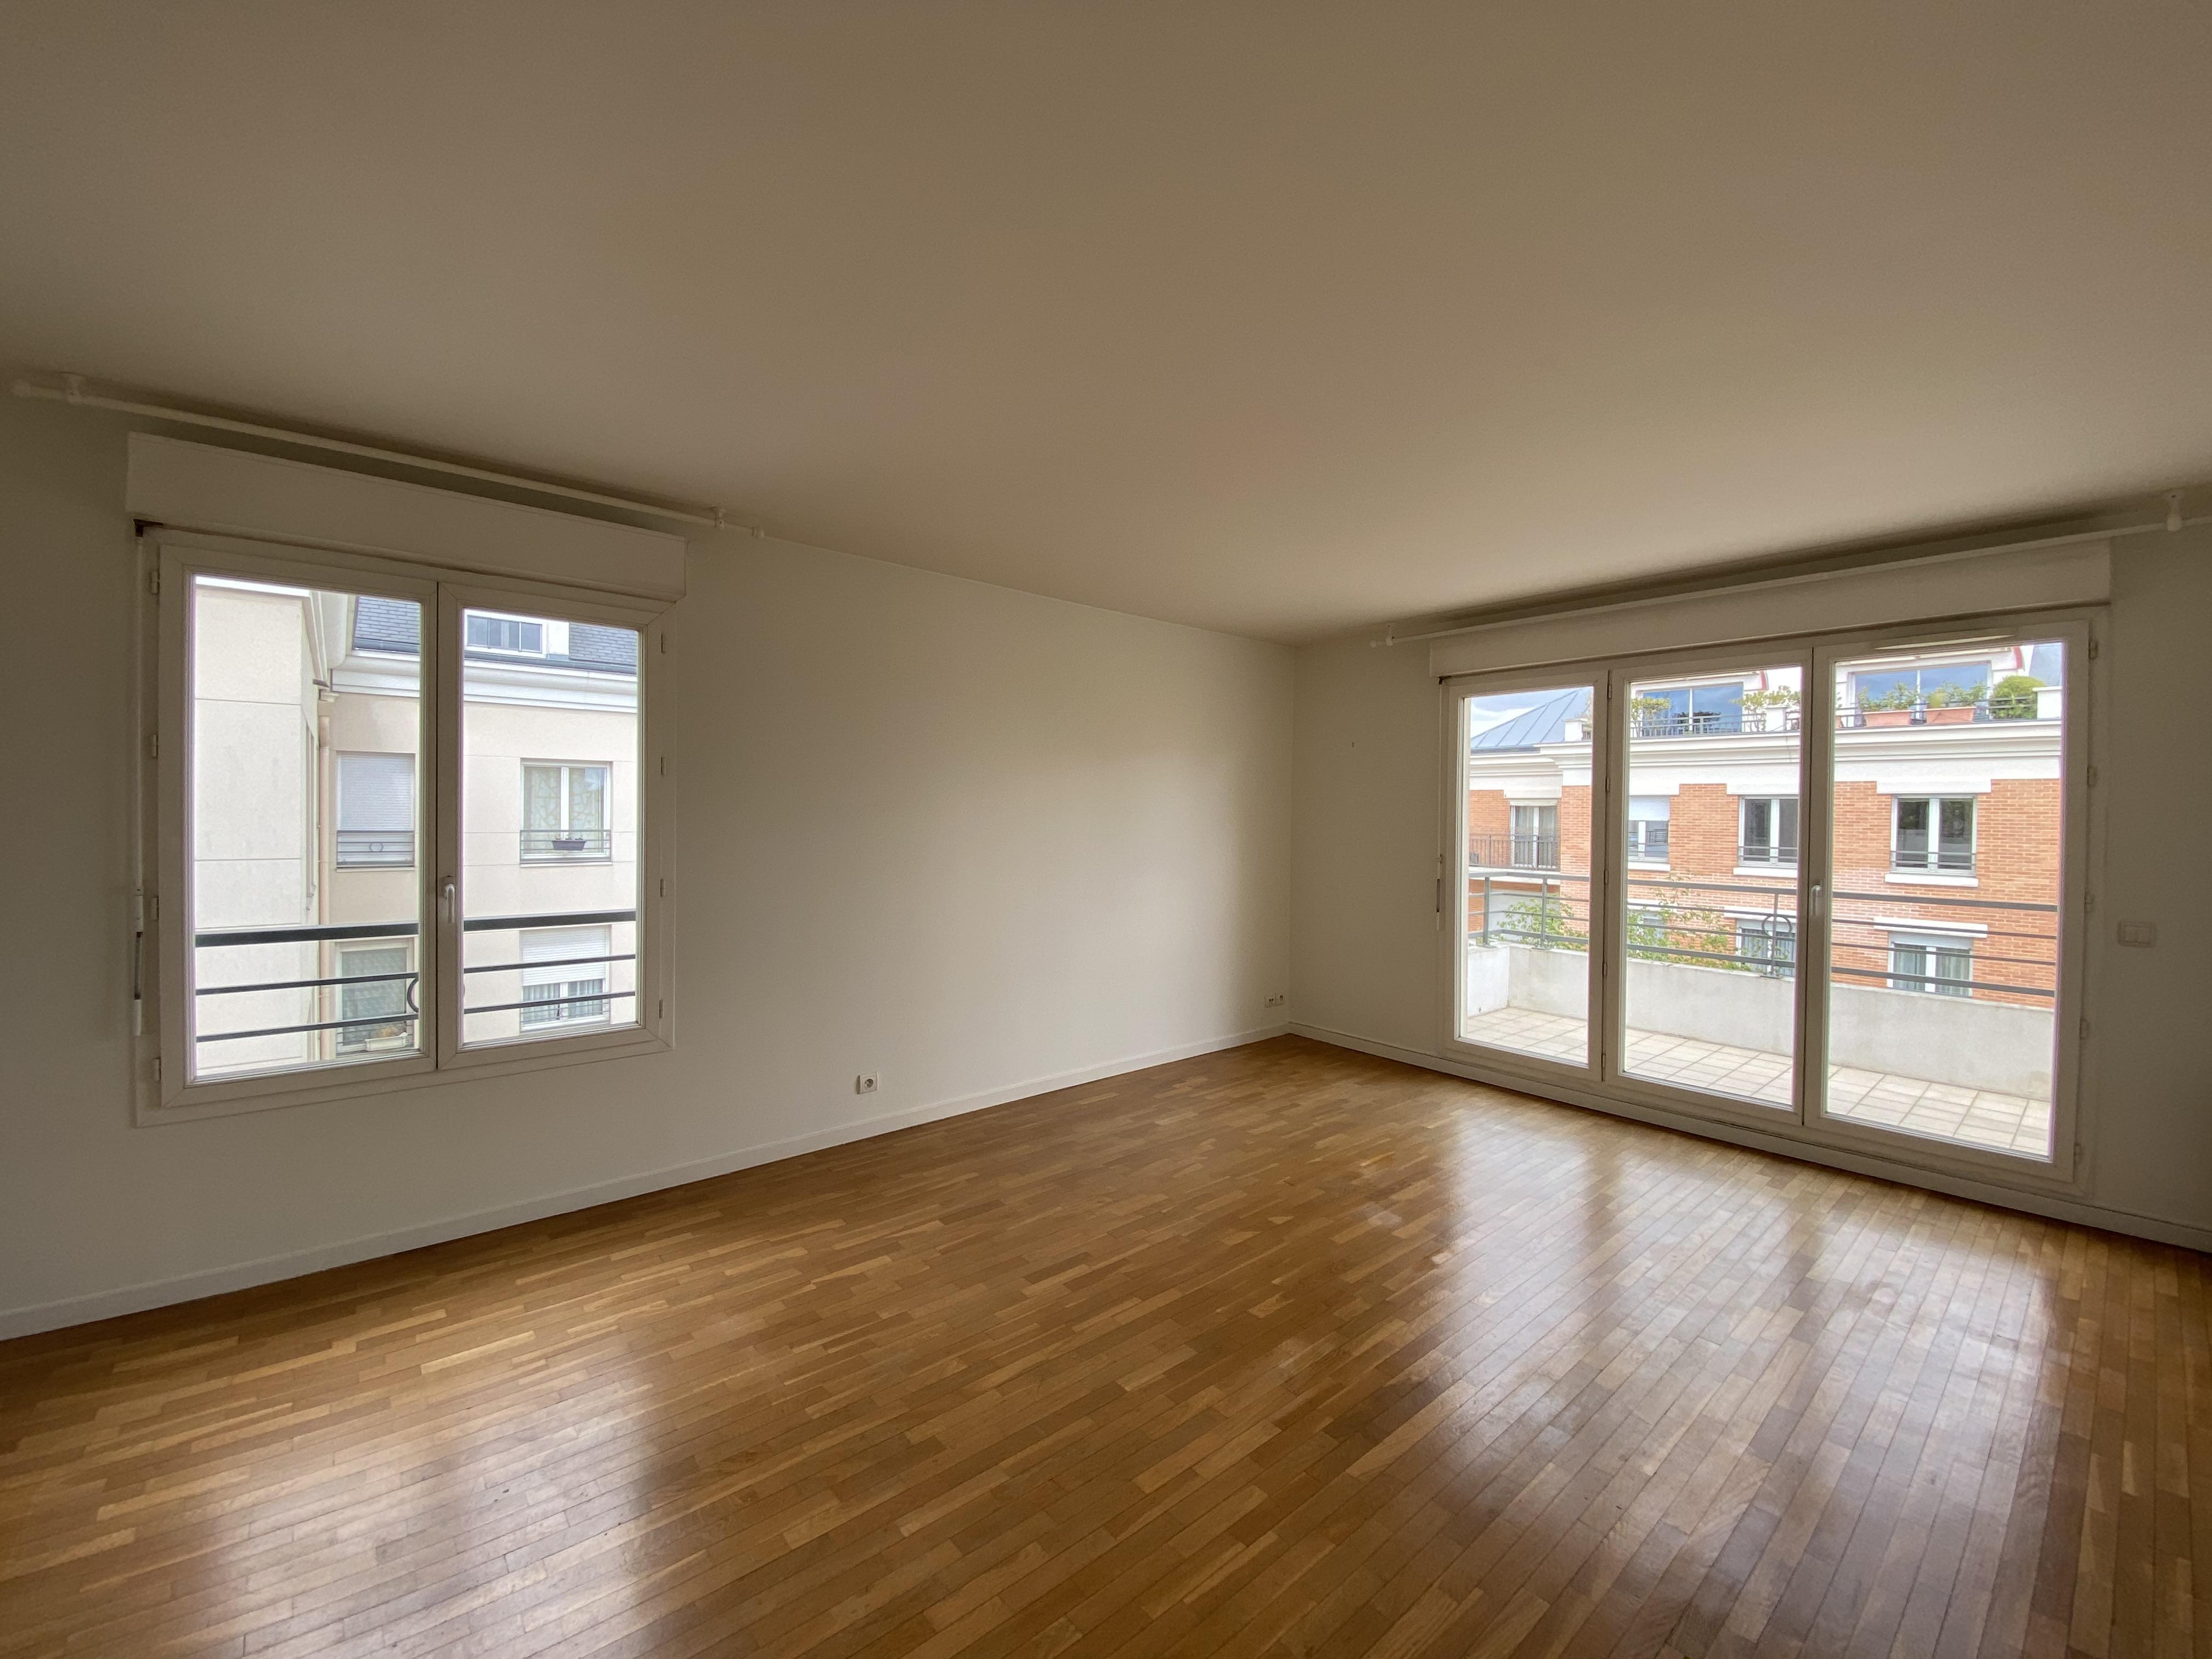 Appartement à louer sur Meudon